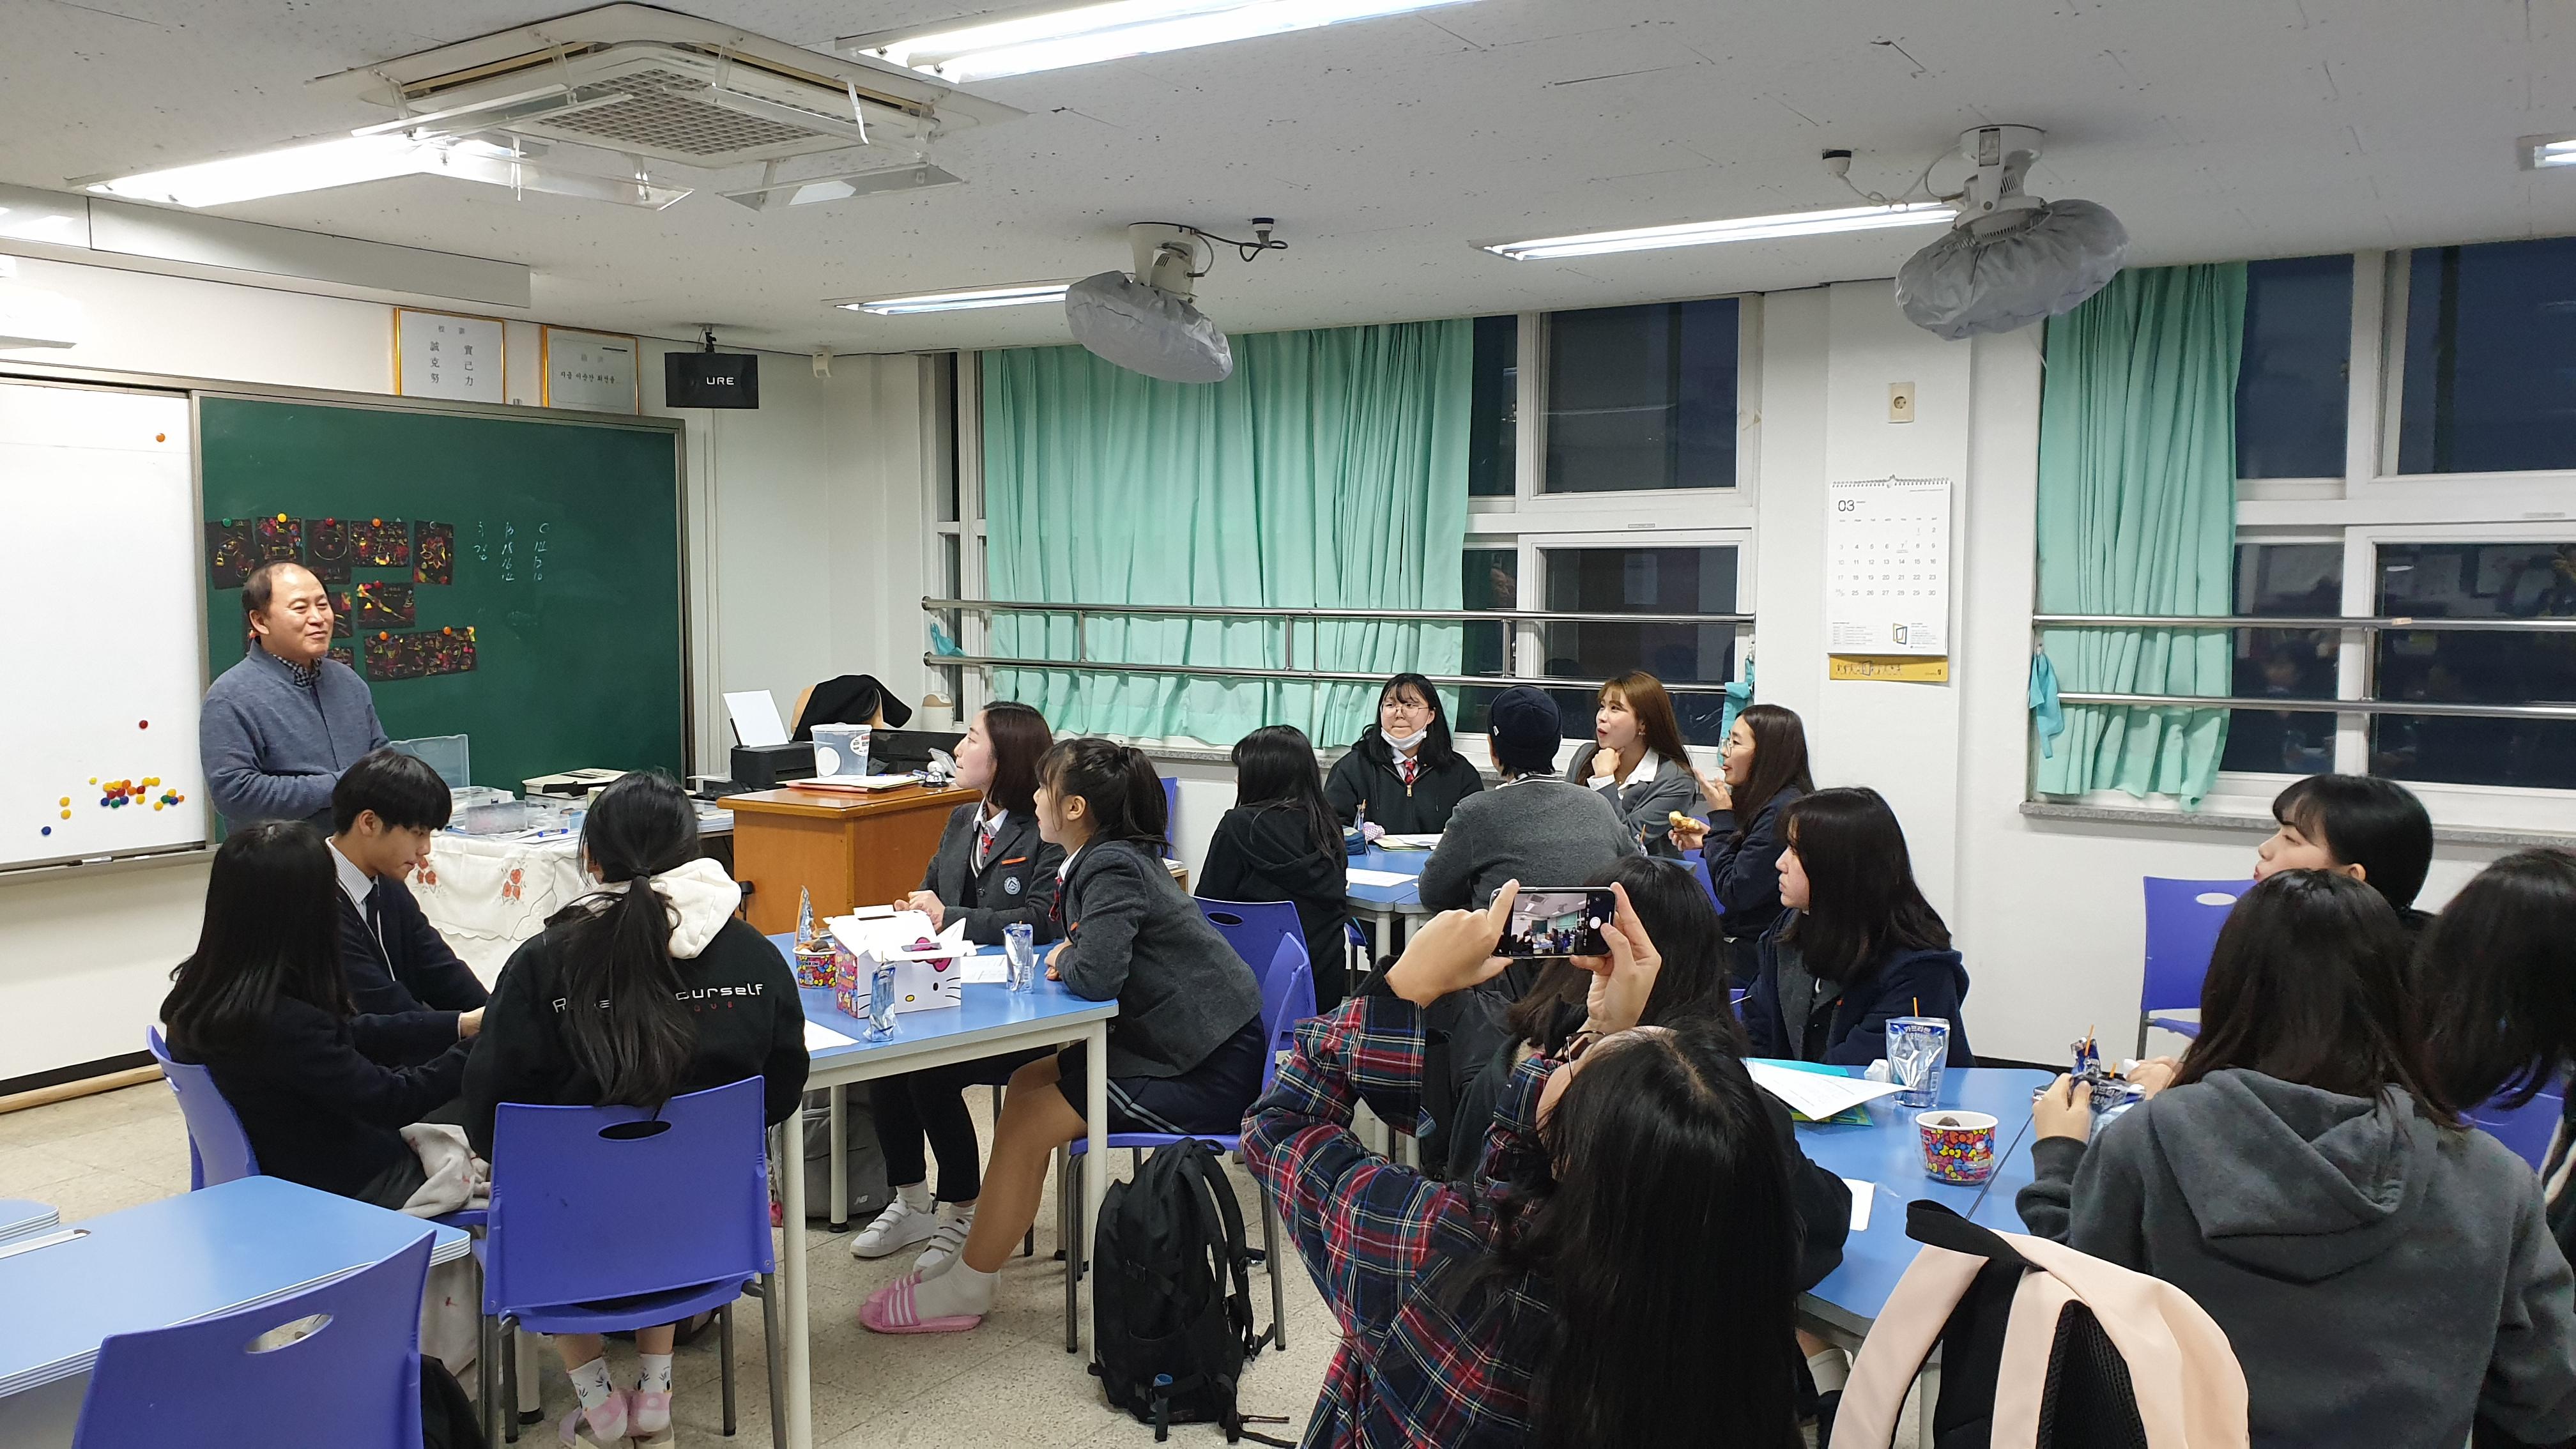 정명고 교육과정 클러스터 사진(교감선생님과의 대화) 2019.03.20.